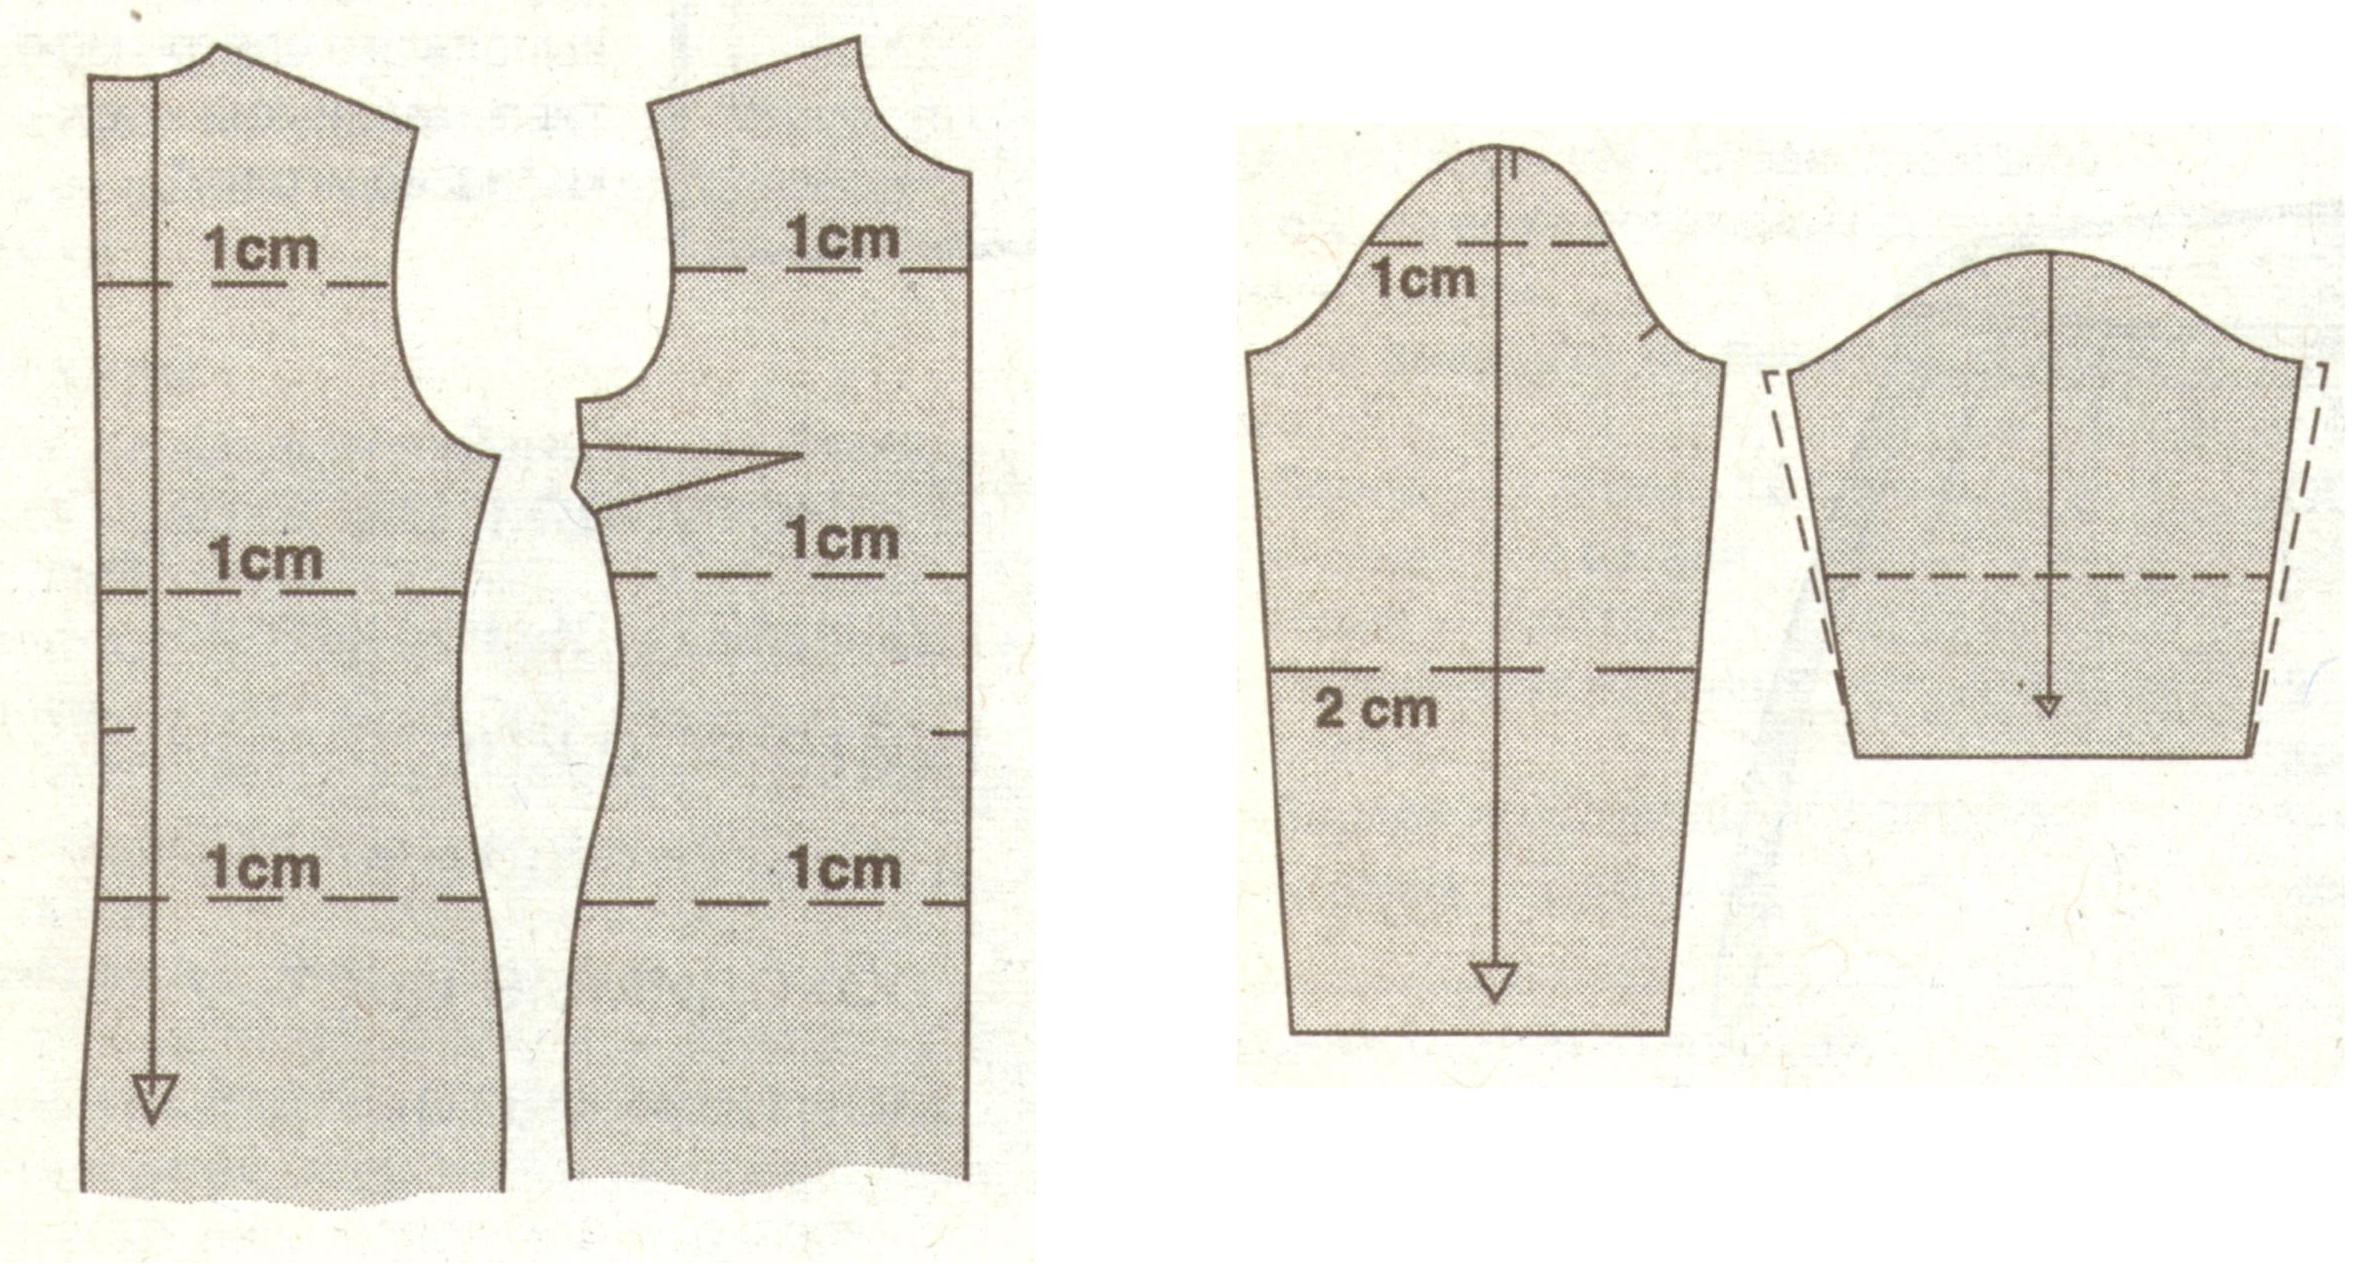 Корректировка плечевых изделий